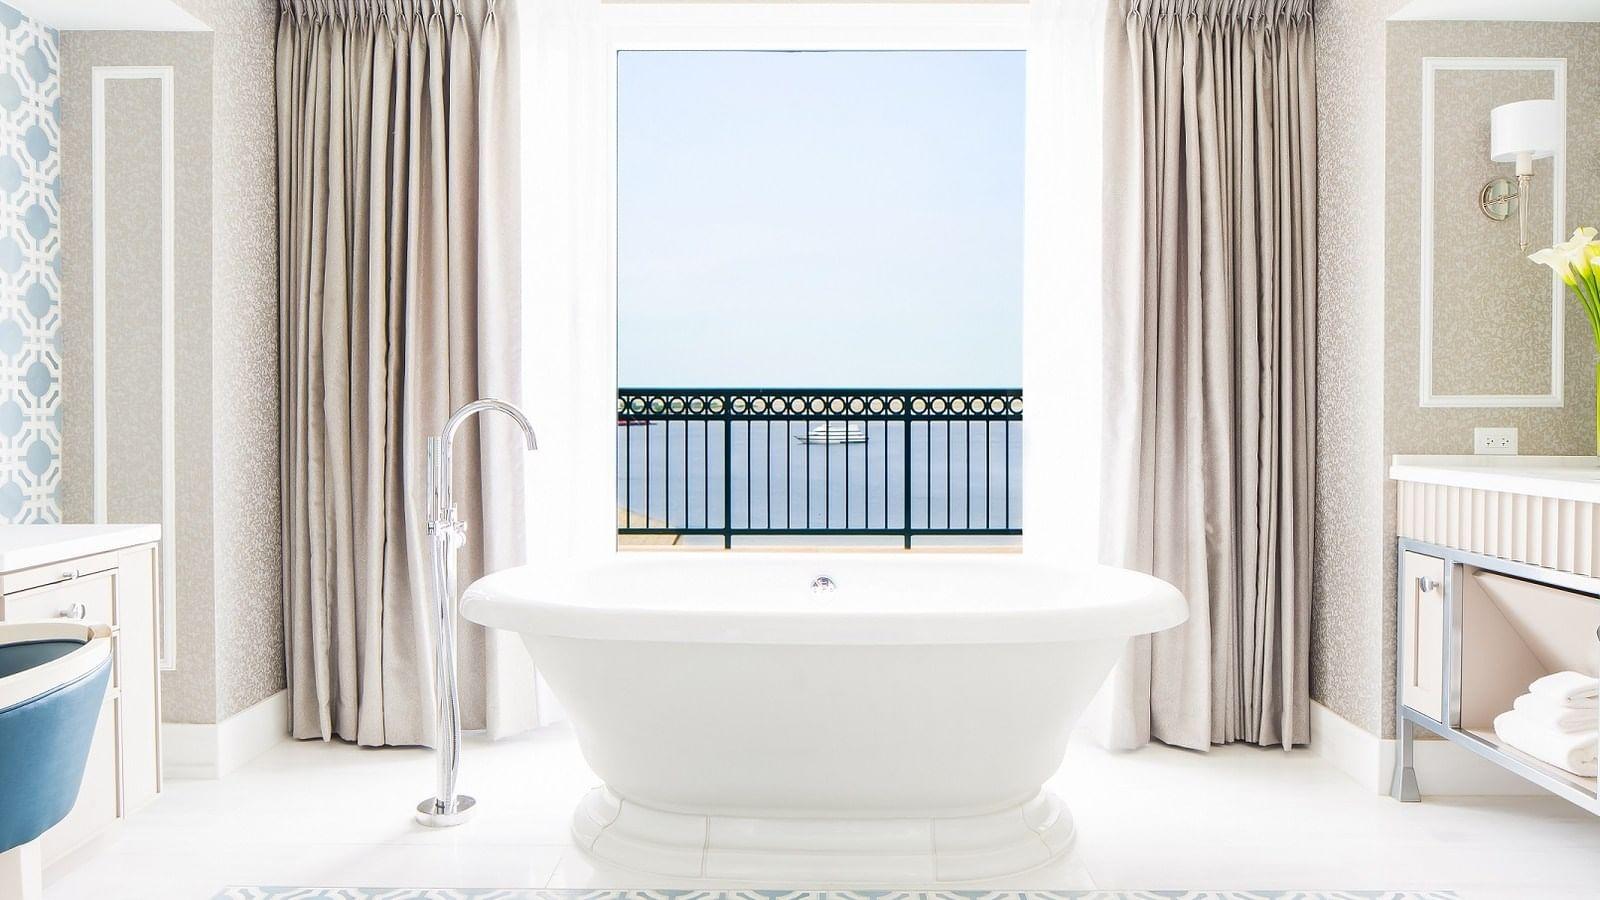 Presidential Suite bathroom overlooking Boston Harbor